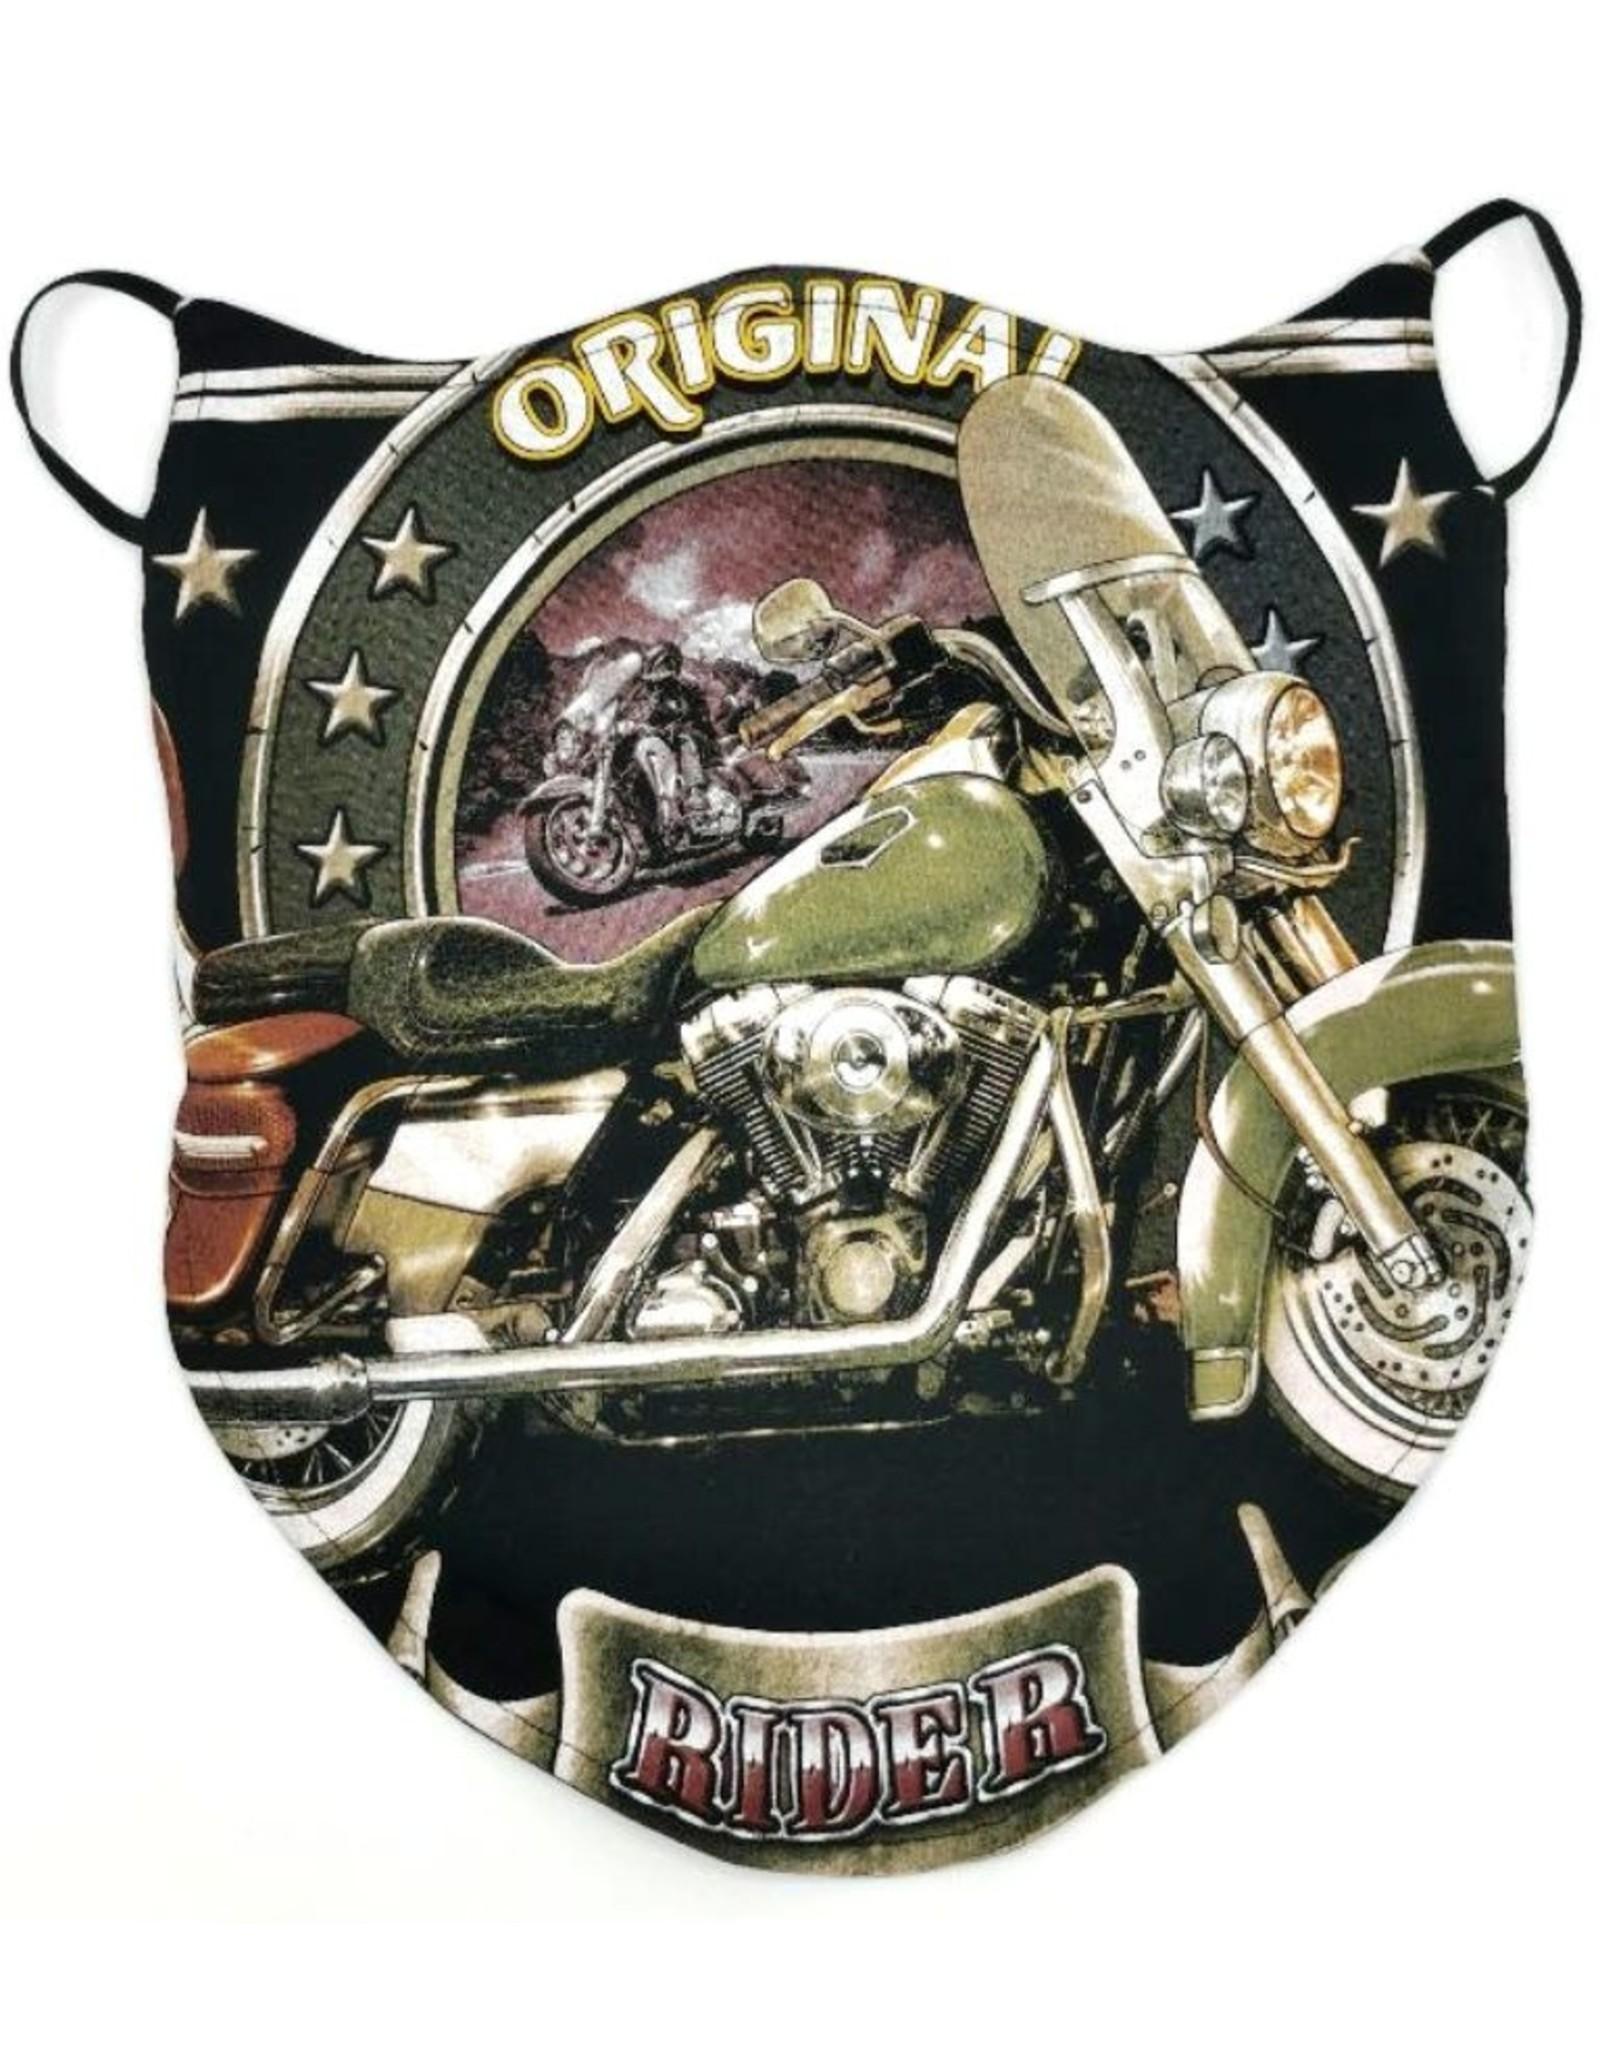 Original Rider Design Biker-sjaals - Biker-sjaal met motor Original Rider